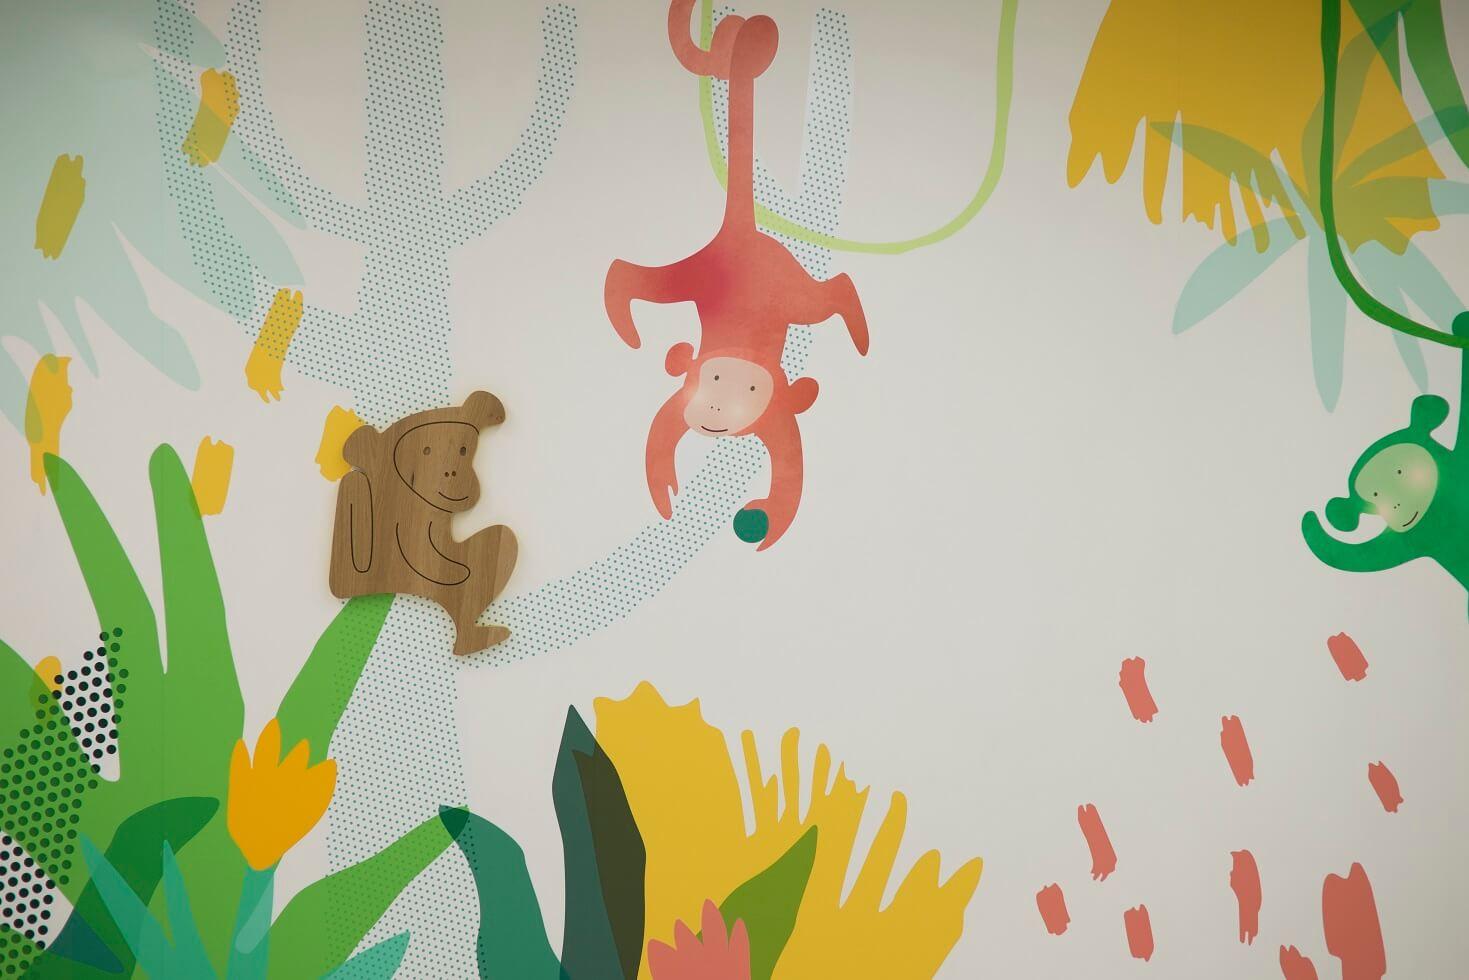 臨牀服務大樓(B座)一樓屬專科門診部門,以猴子為主題。